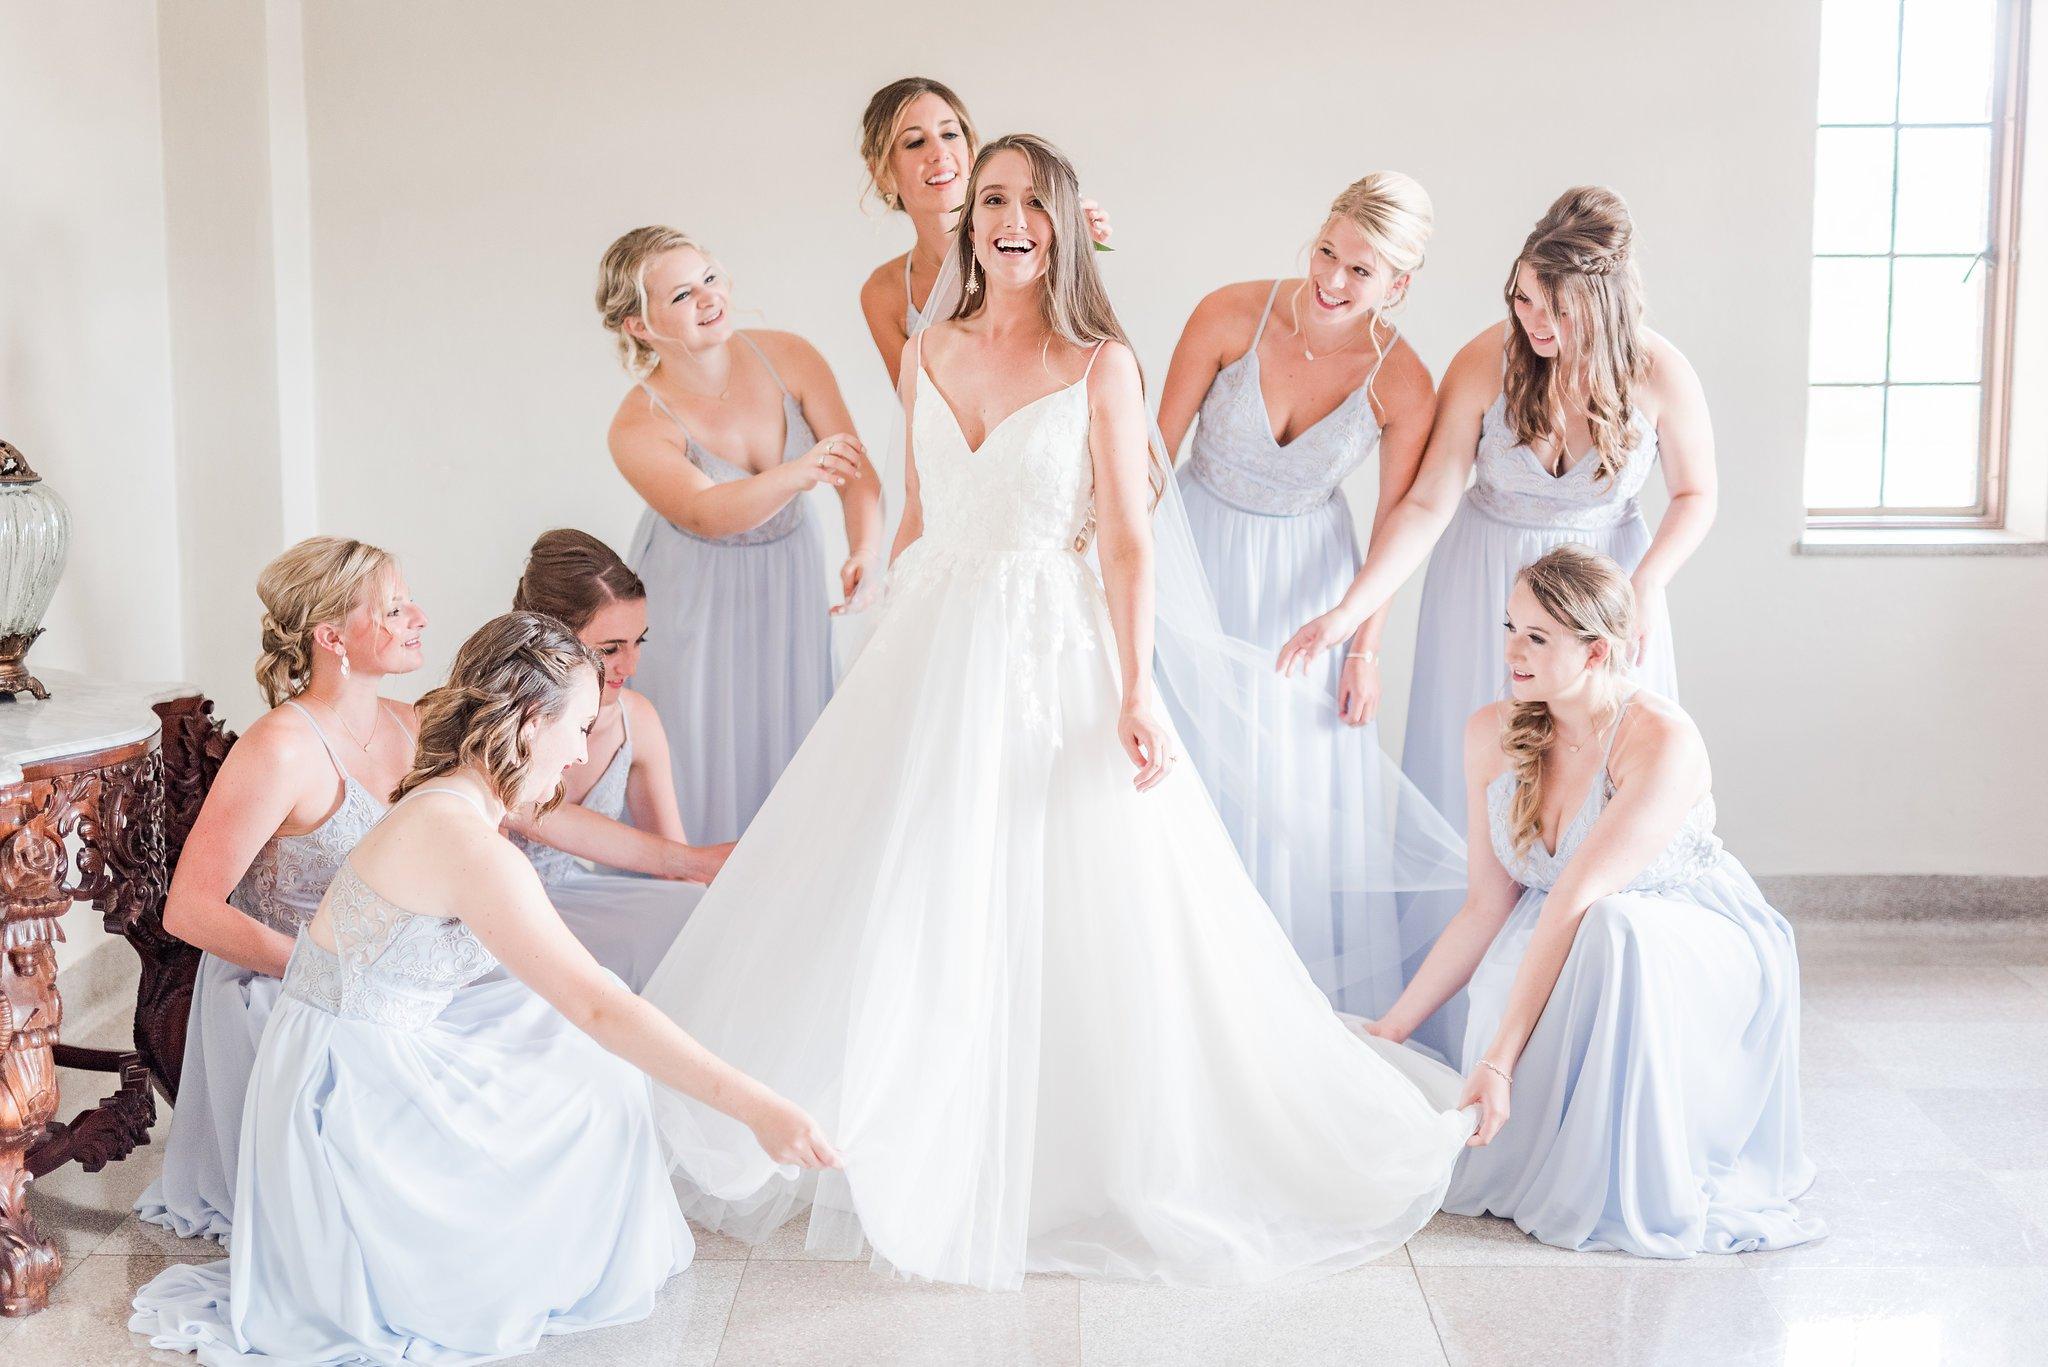 2cc9e7a6224 Bridesmaid Dresses